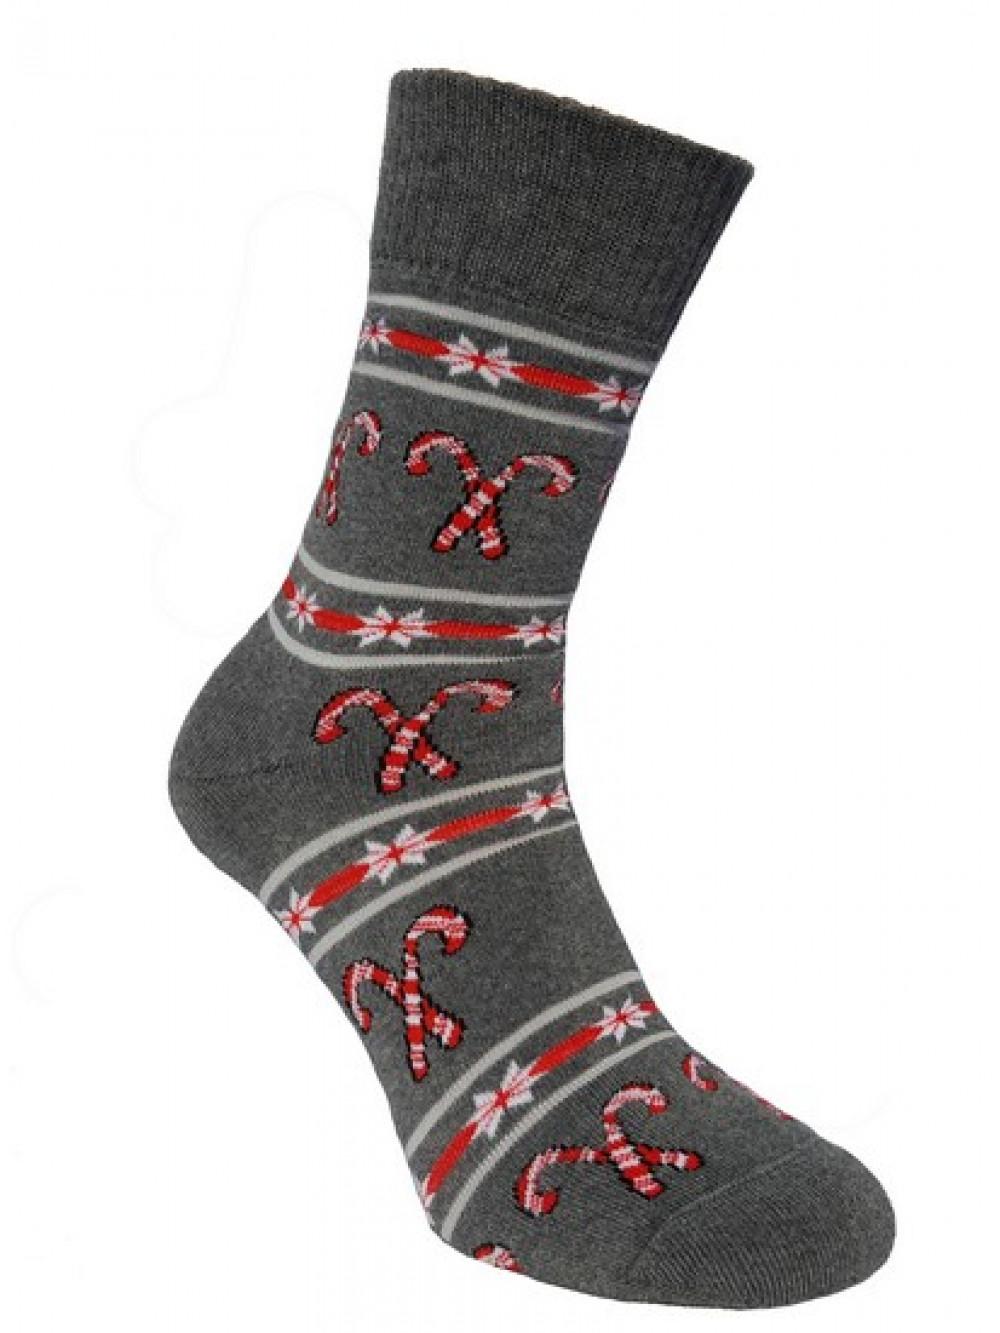 Ponožky Foxysoxy Vianočné Cukrovinky Sivé